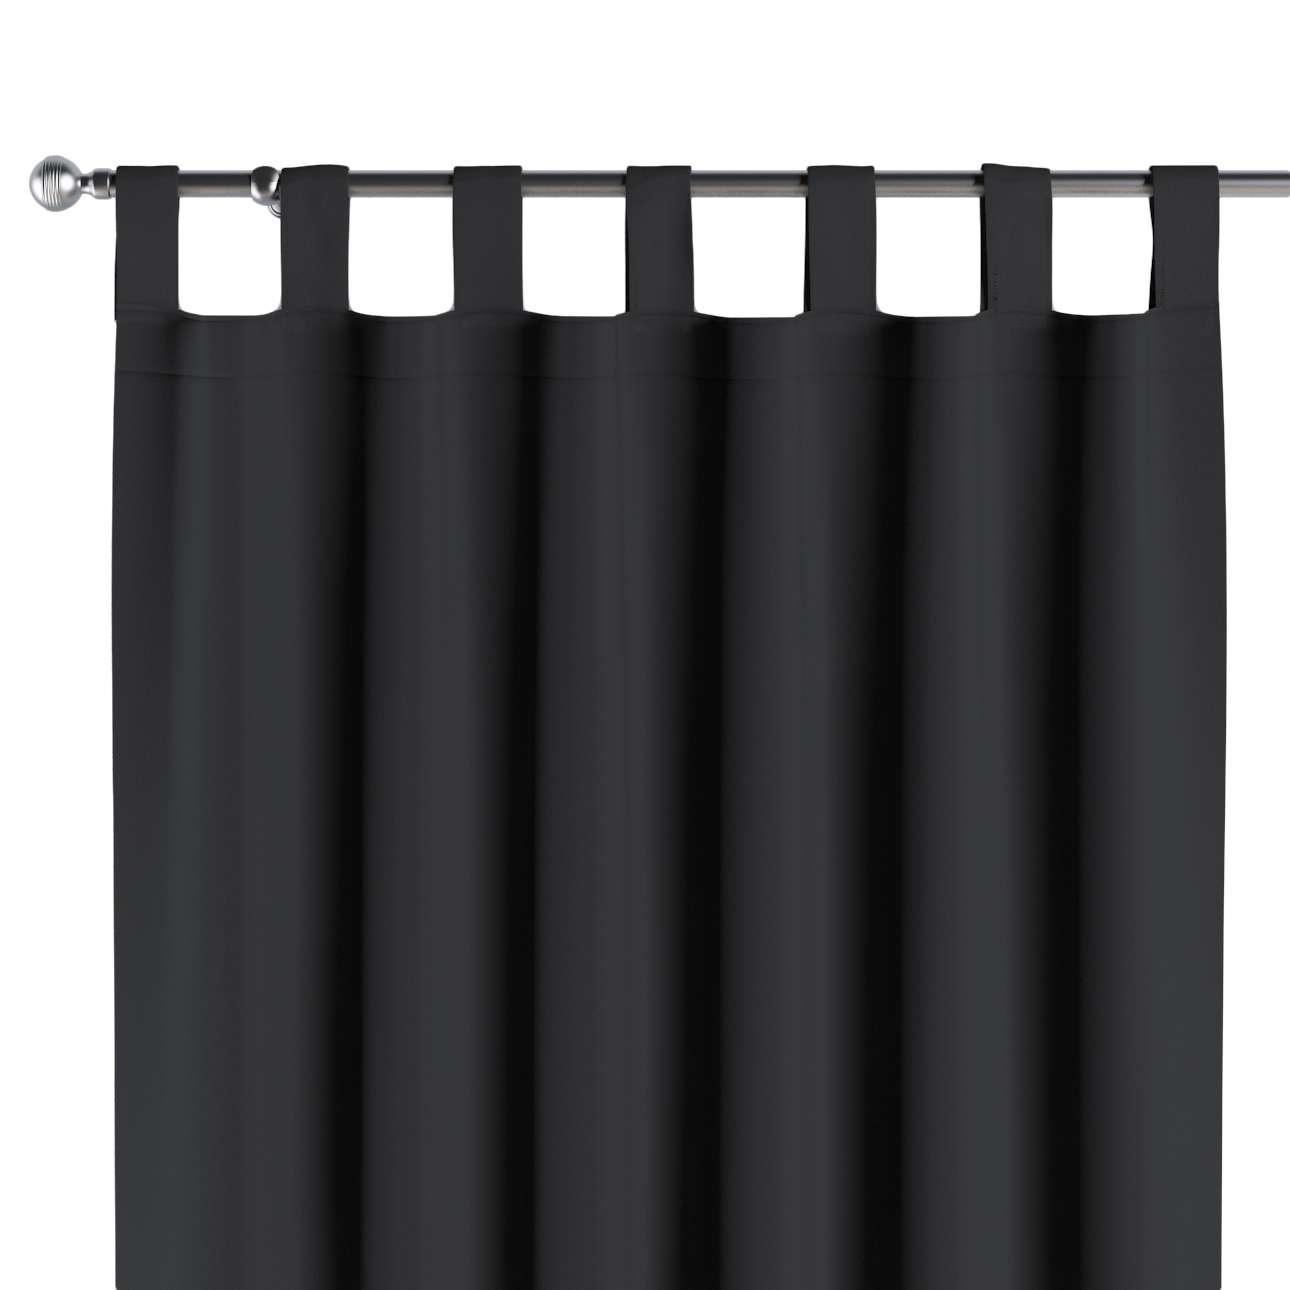 Závěs zatemňující na poutkách 1ks 140x260 cm v kolekci Blackout, látka: 269-99